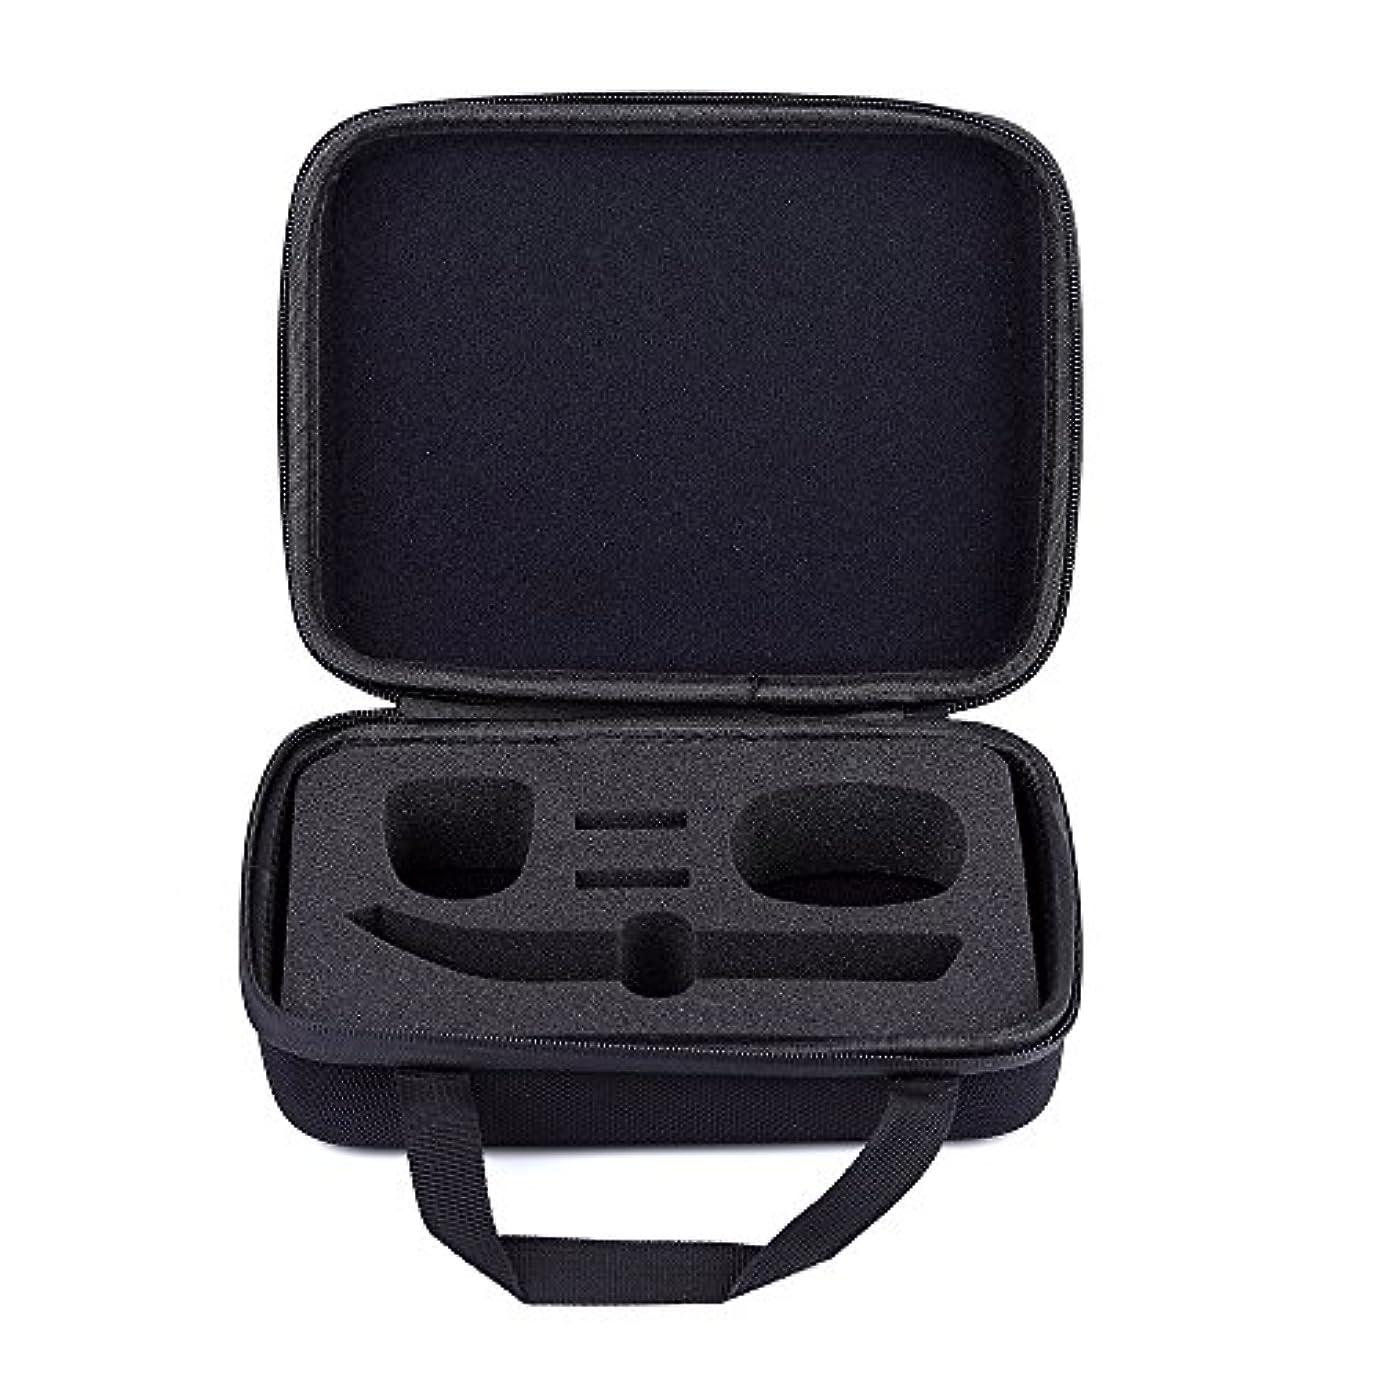 ゲスト巨人アークXigeapg トラベルのハードバッグ、携帯用ケース、Norelco Oneblade Pro用、転倒防止、防水、実用的なPhilipsシェーバー用の収納ボックス